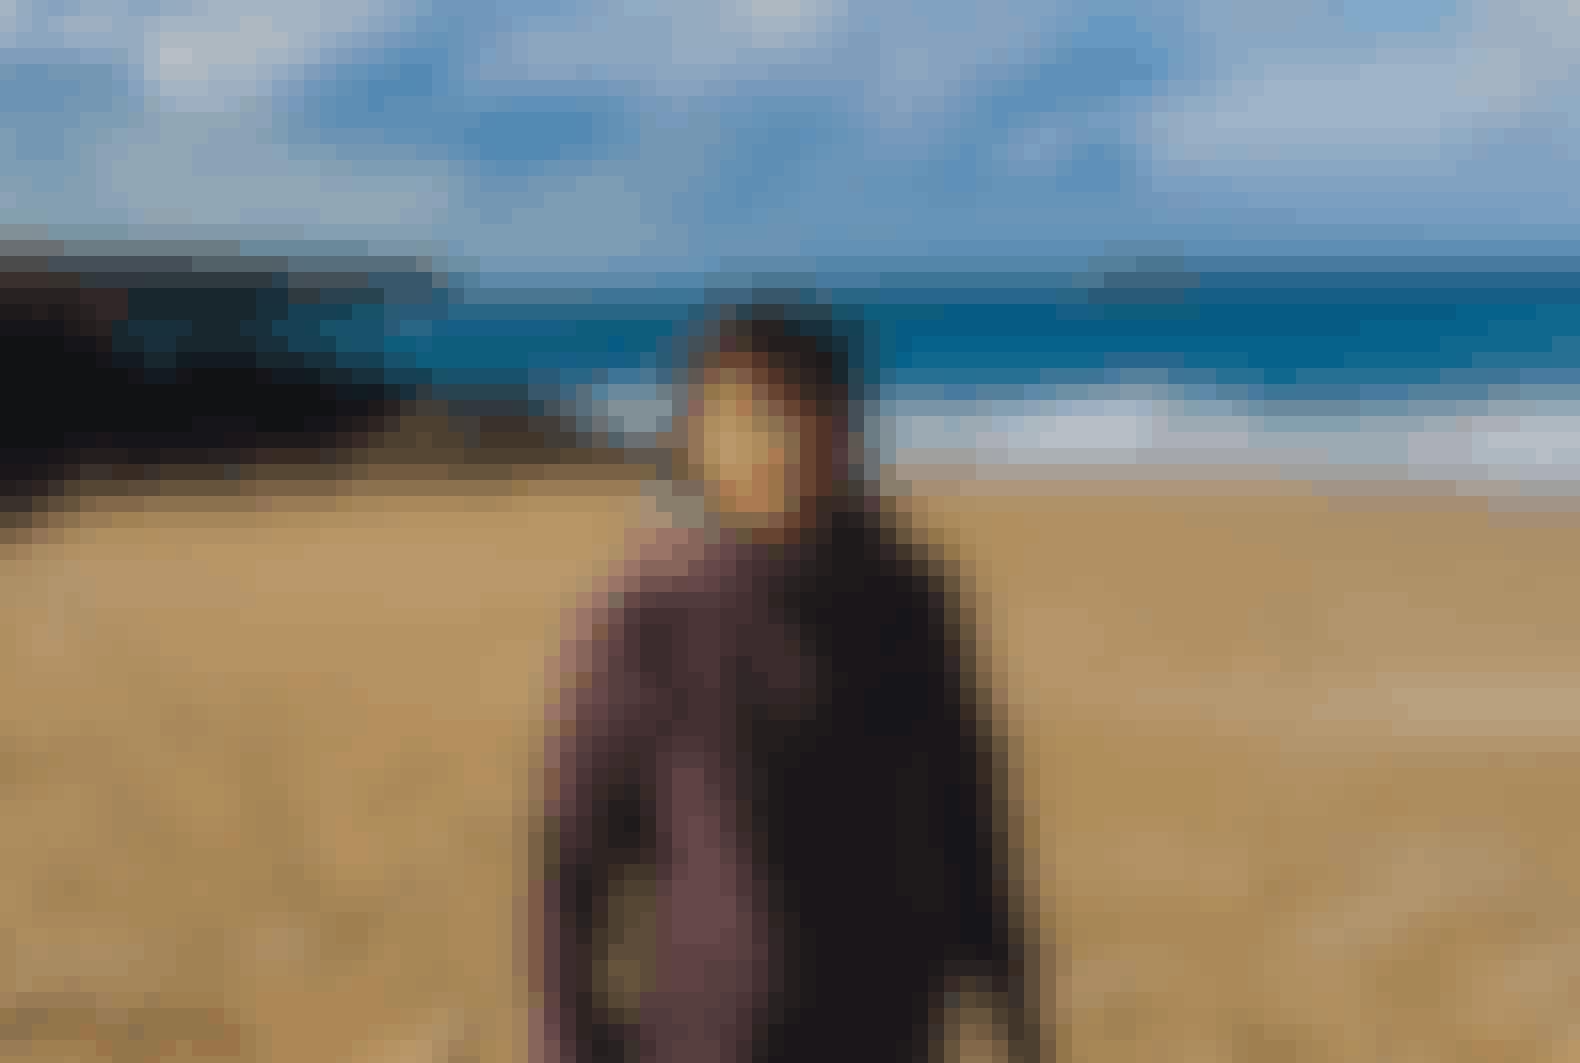 Je suis sur une plage à quelques kilomètres de mon domicile